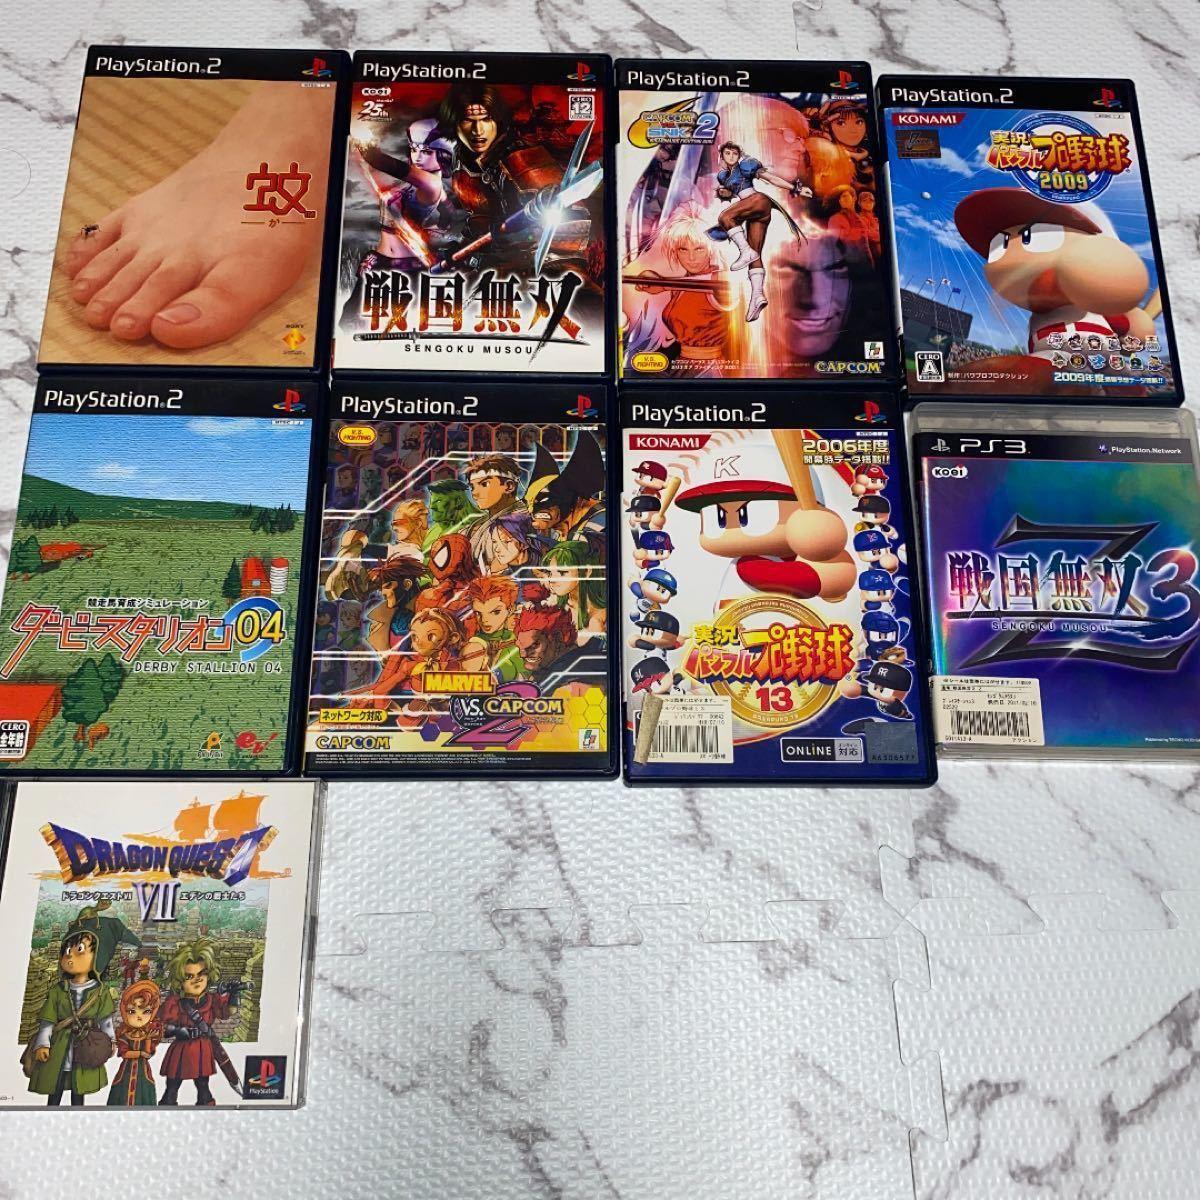 プレステ3 本体と純正コントローラ、ソフト9本付き PS2 PS3 本体